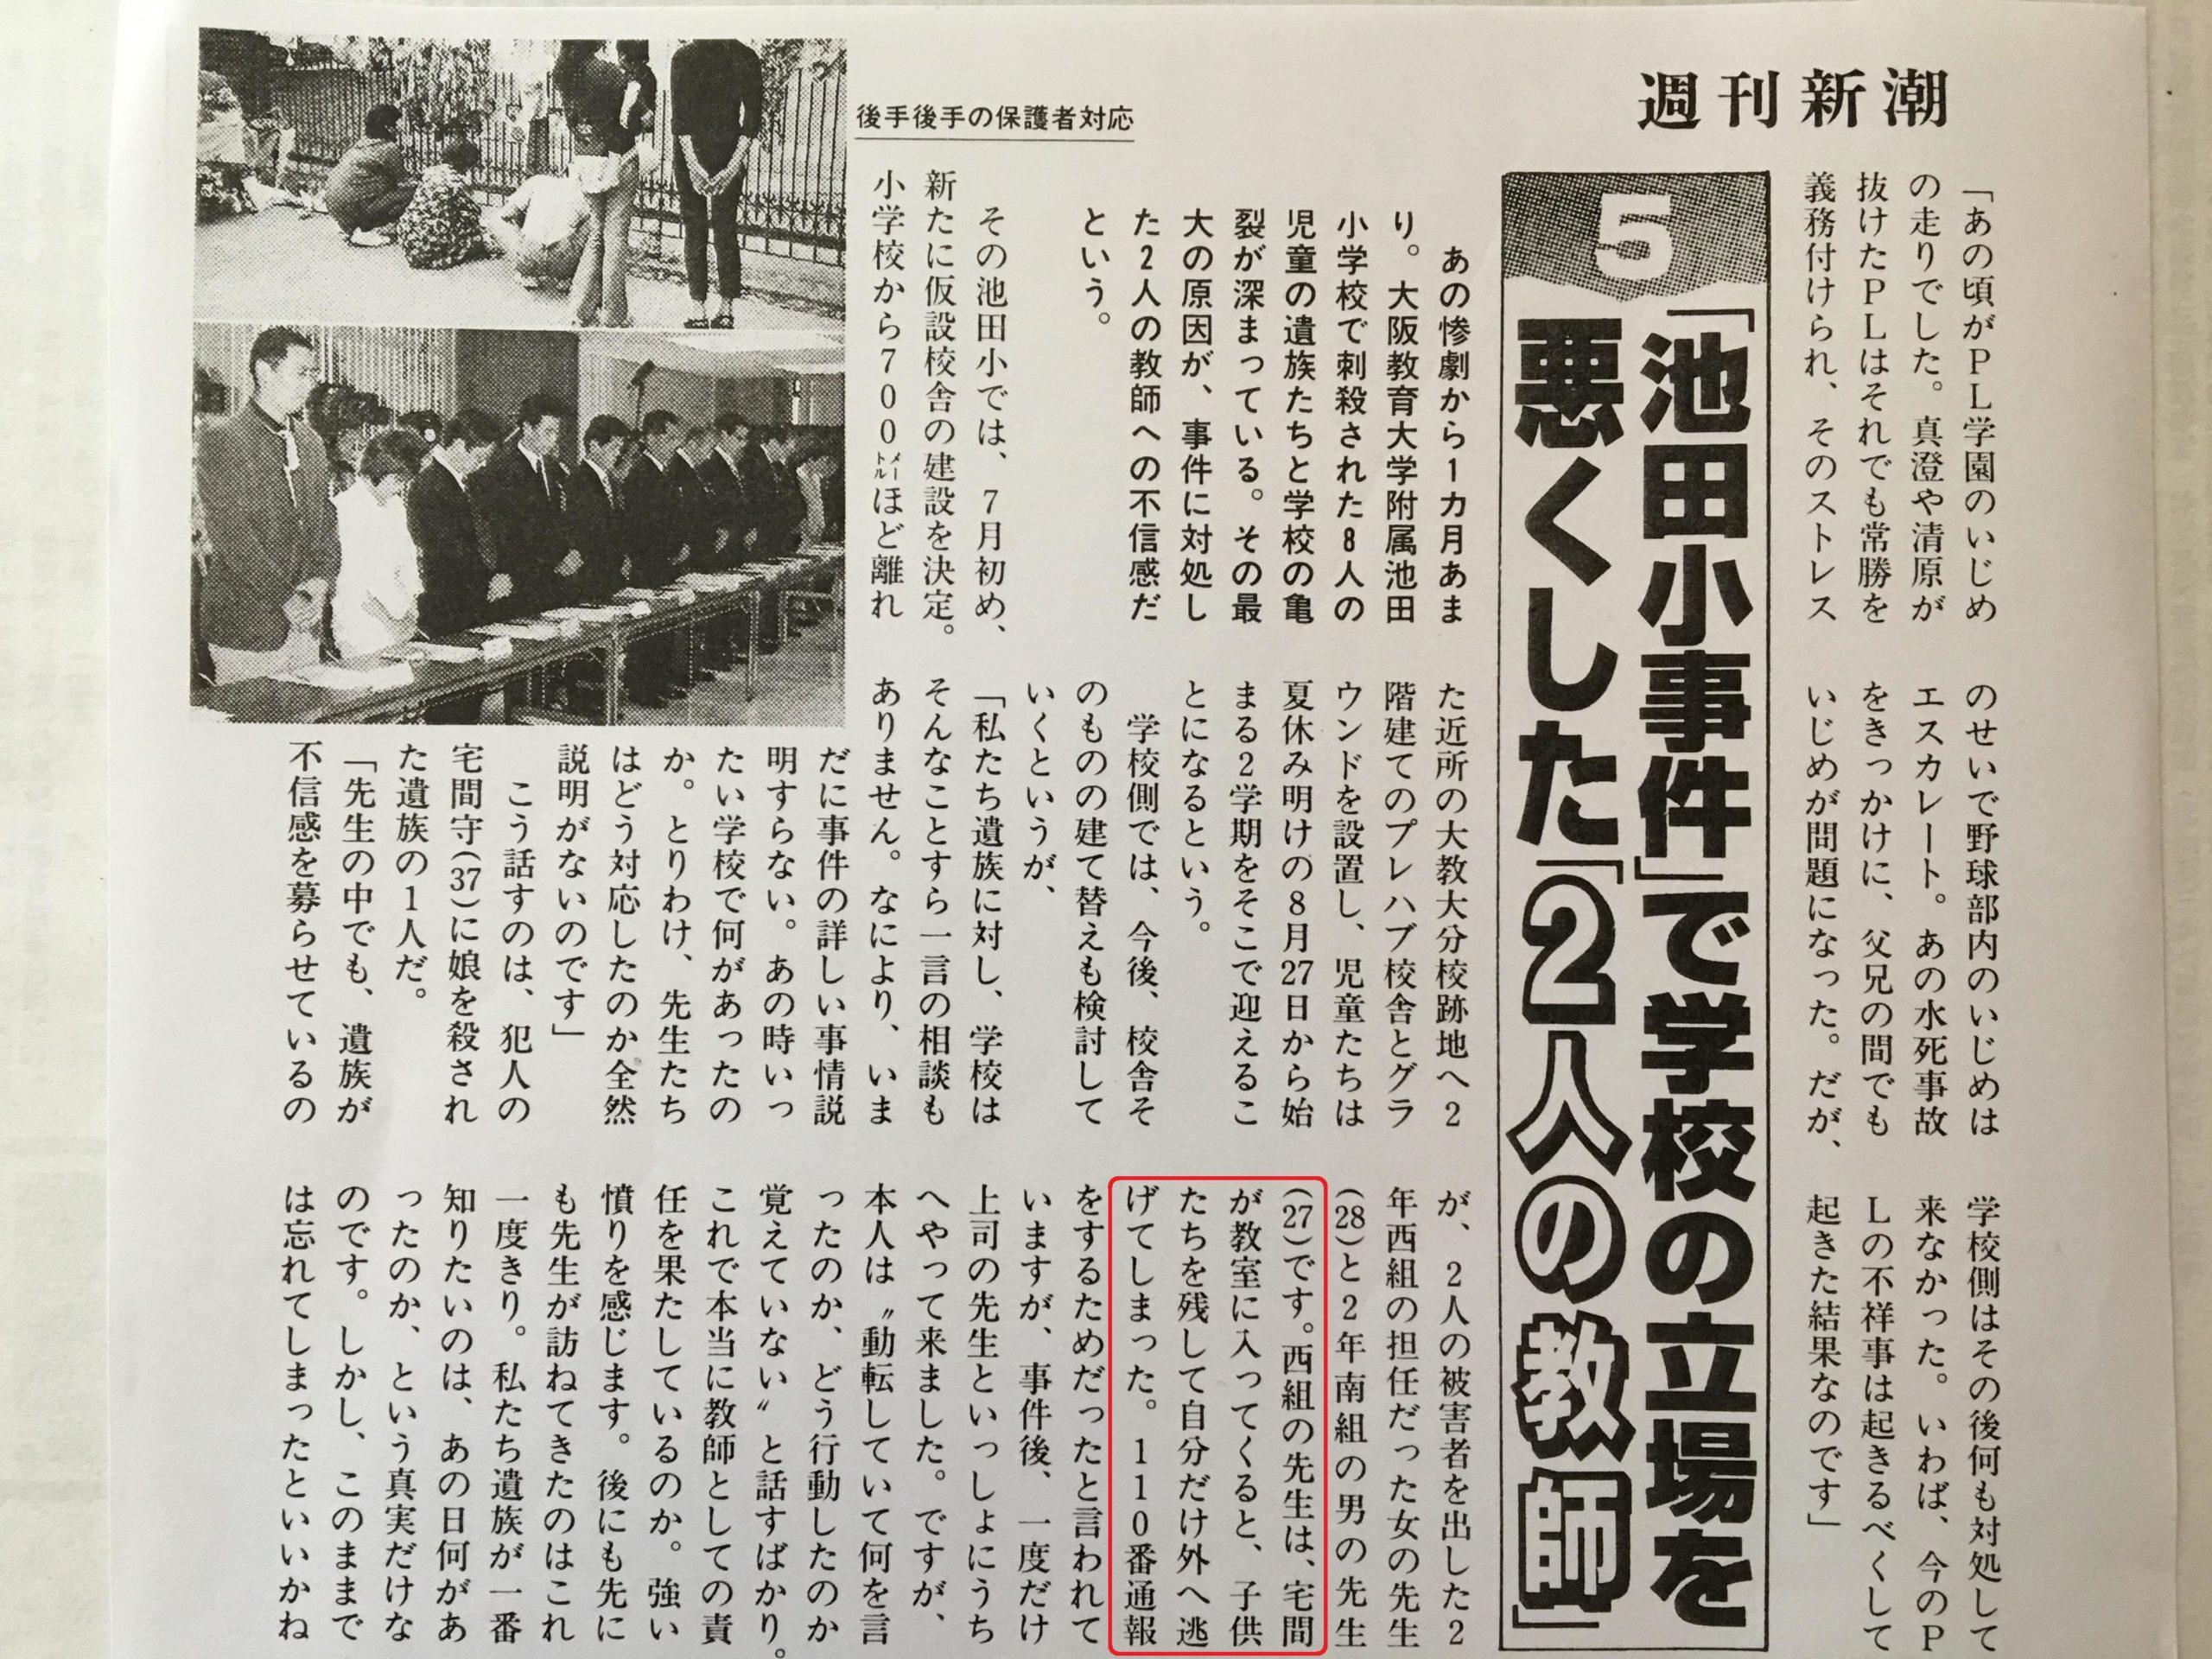 被害者 池田小事件 附属池田小事件で逃げた教師のその後と事件の詳細・真相に迫る!